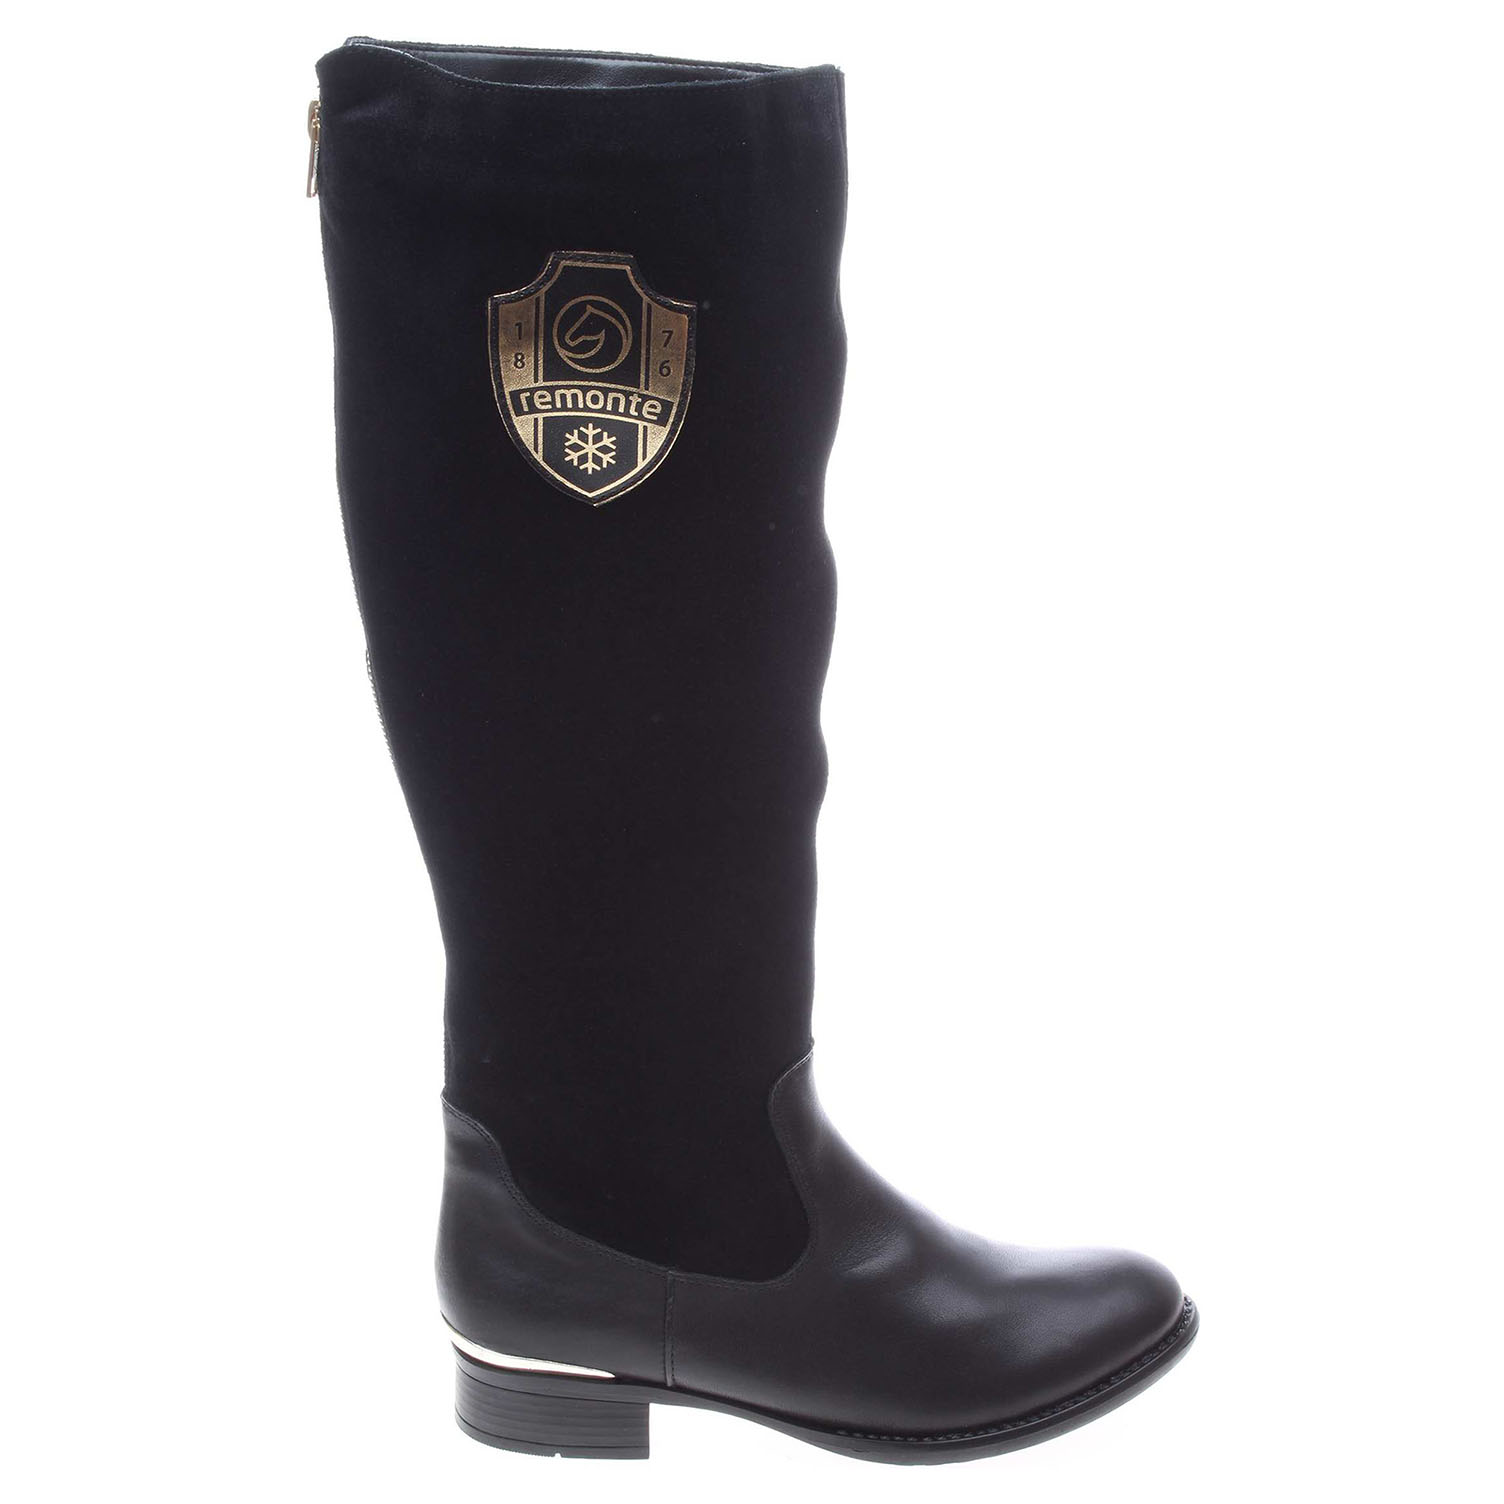 0ece947471257 Remonte kozačky R6482-00 černá   REJNOK obuv